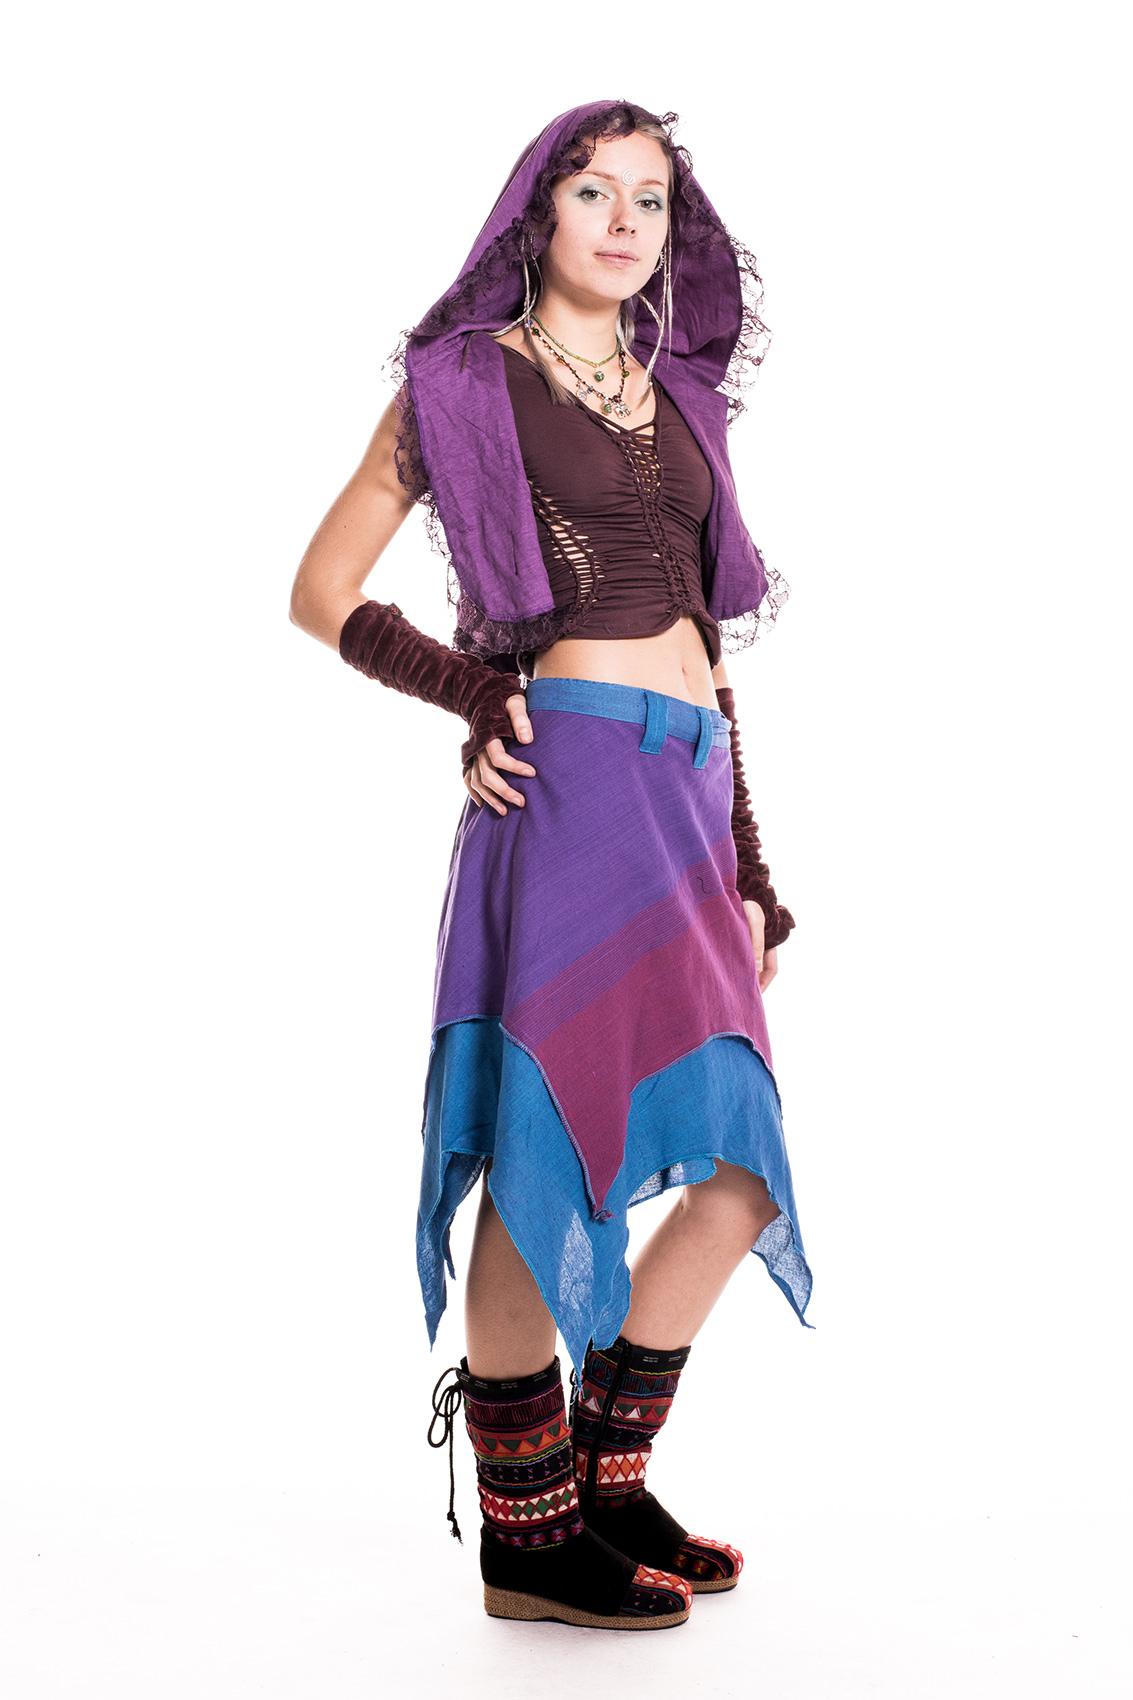 Trance Clothing Uk